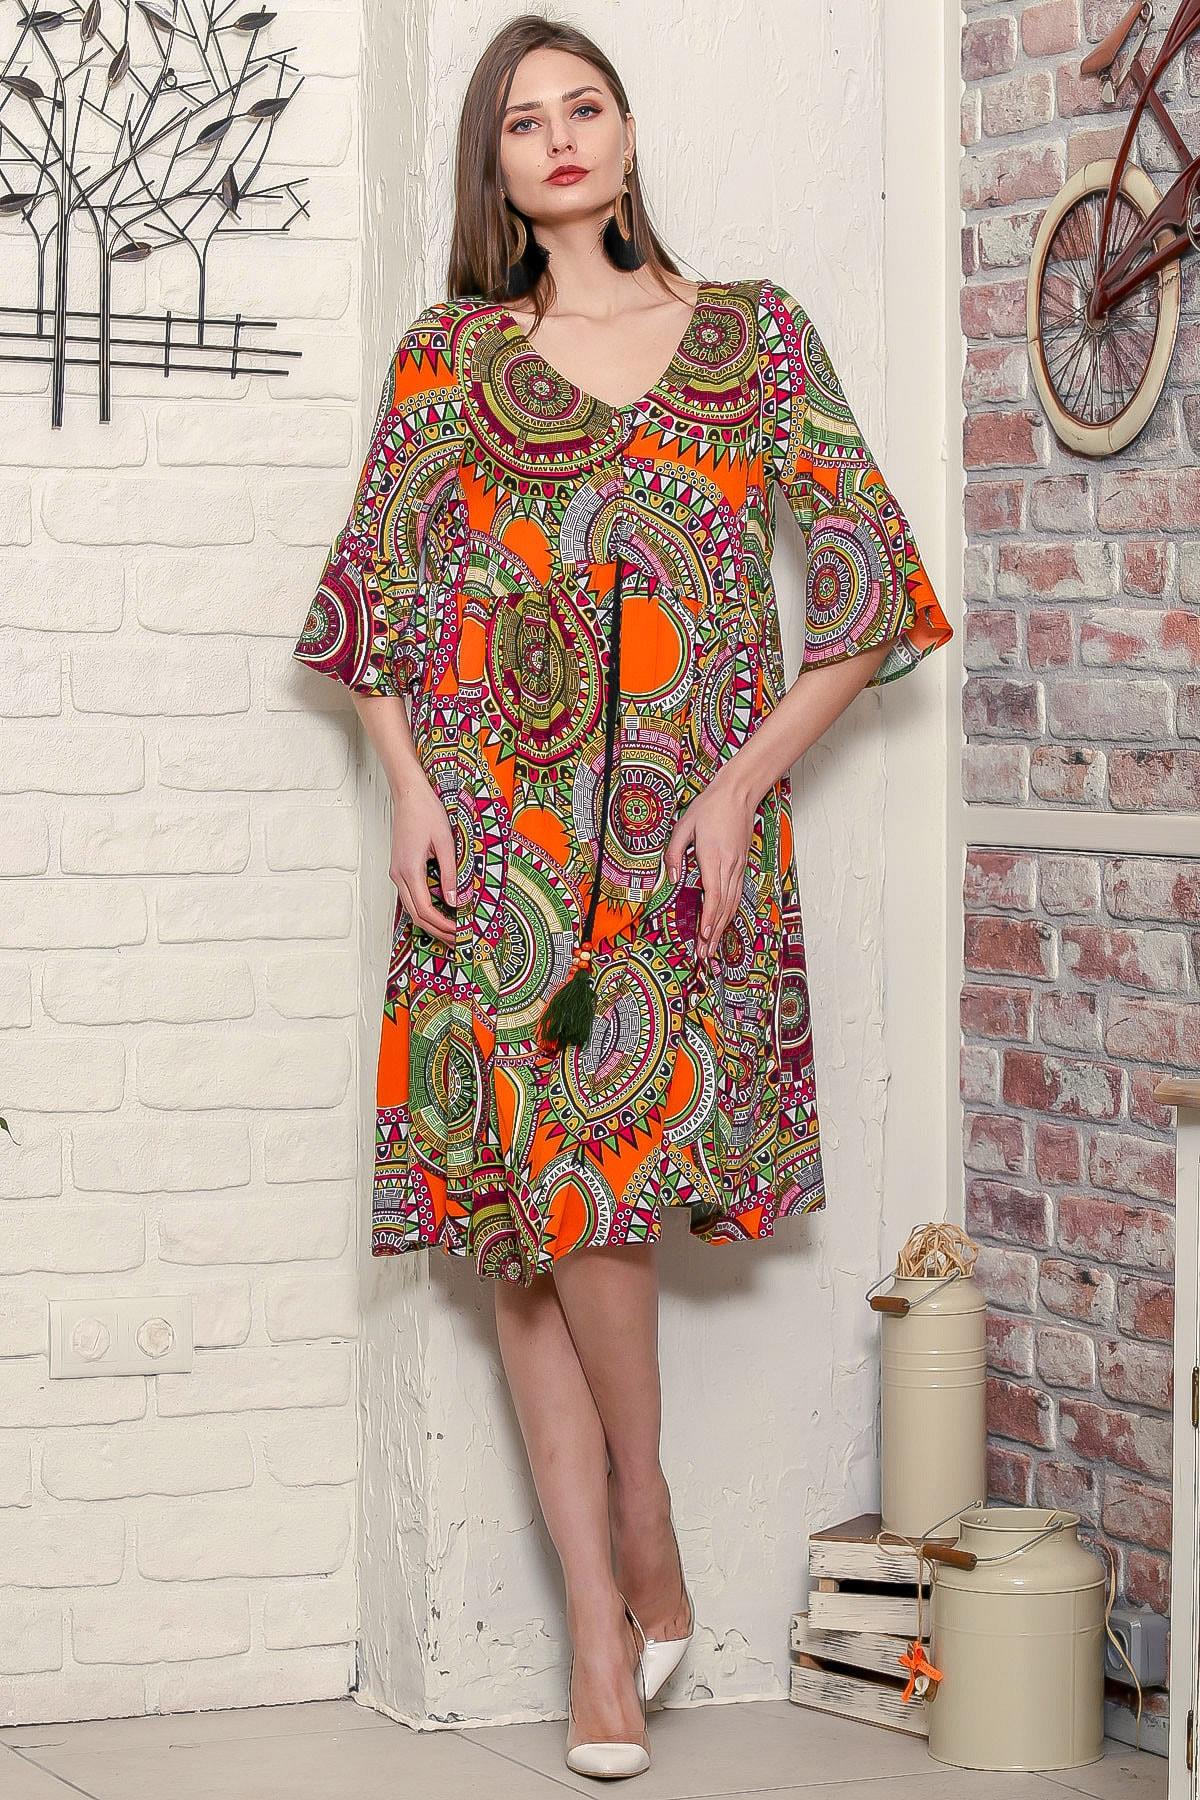 Chiccy Kadın Turuncu Geometrik Desen Kolları Volanlı Robadan Büzgülü Püsküllü Bağcıklı Salaş Dokuma Elbise 2